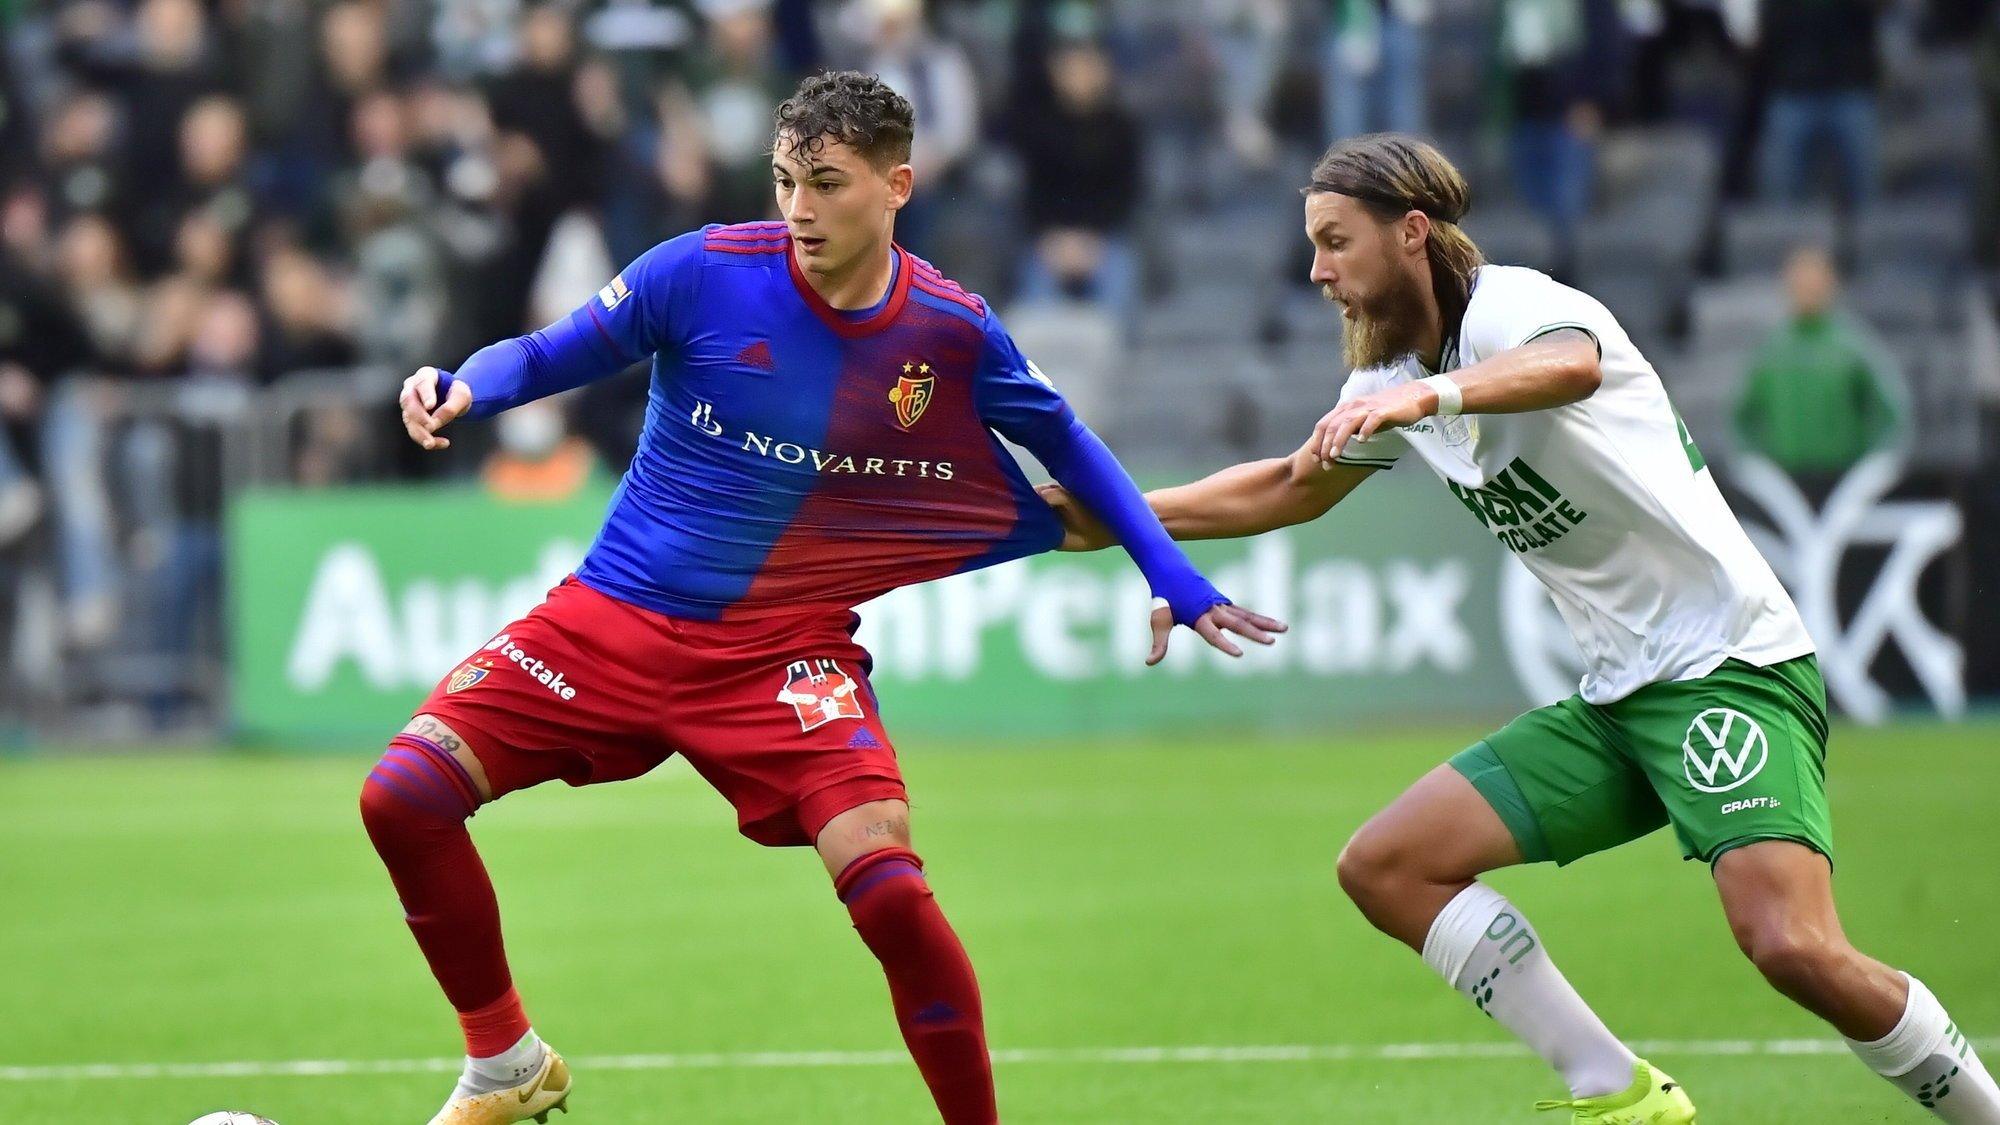 Bâle et Sebastiano Esposito se sont qualifiés pour la phase de groupe de l'Europa Conference League.